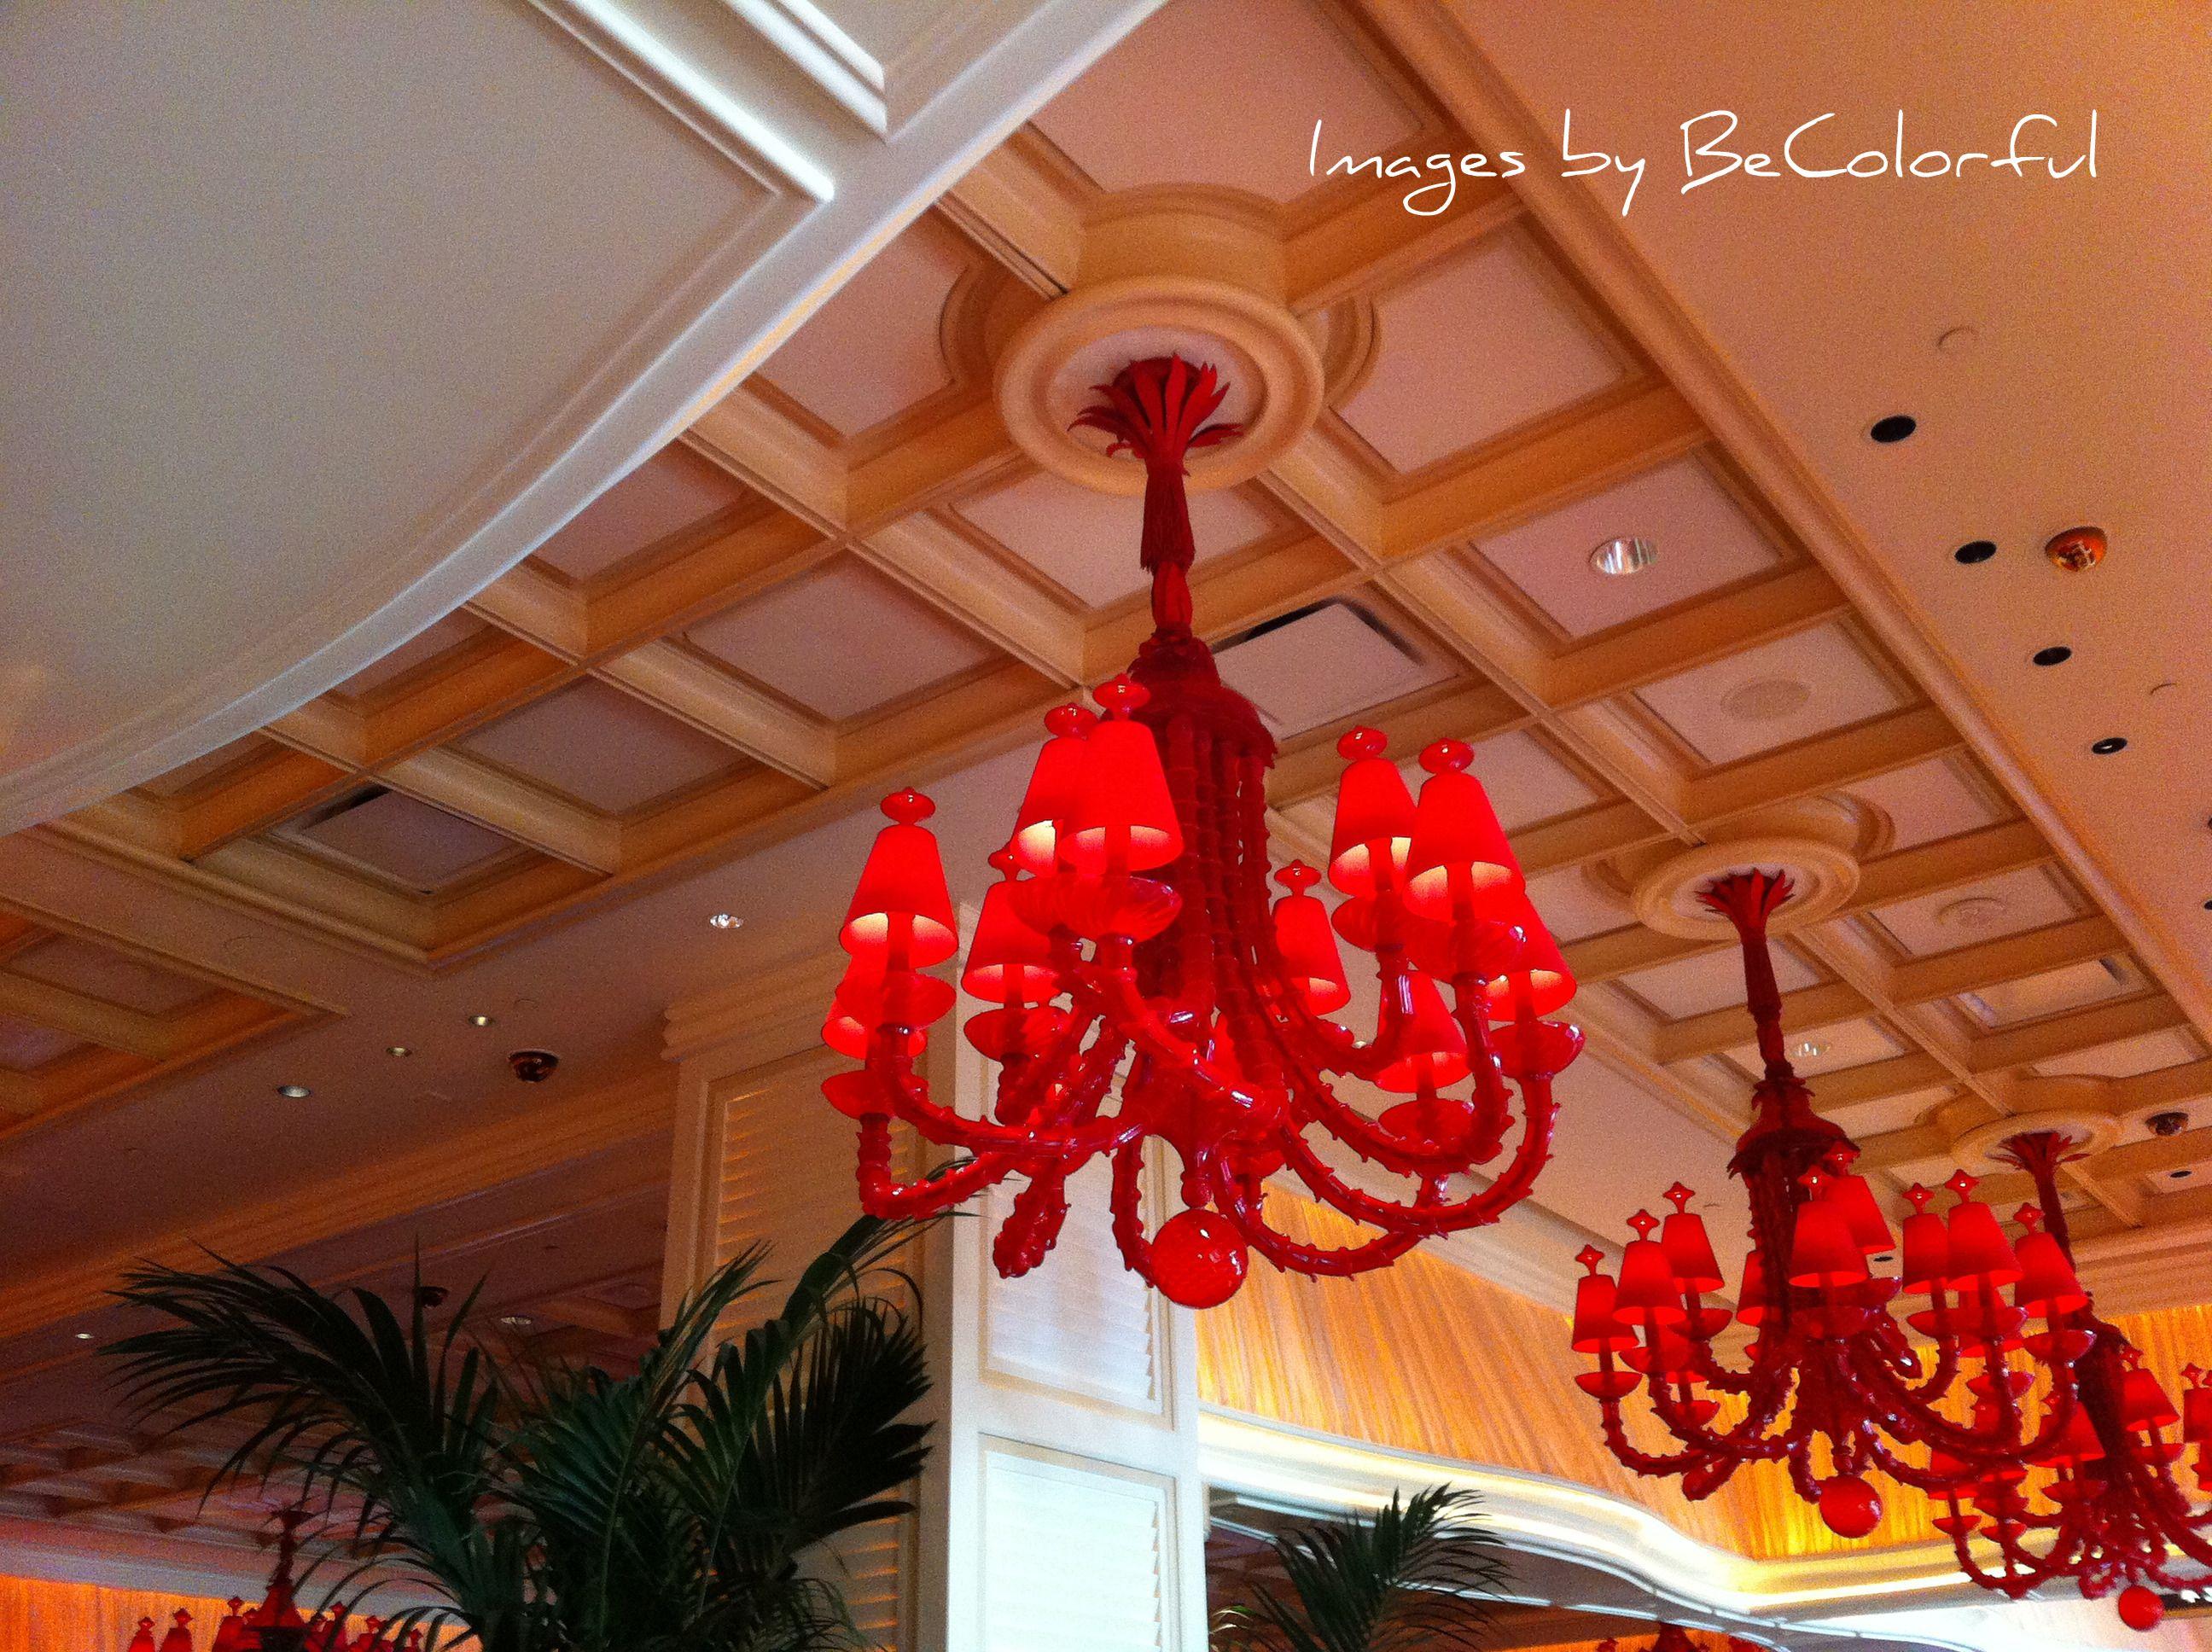 Amazing Chandeliers In The Wynn Encore Las Vegas